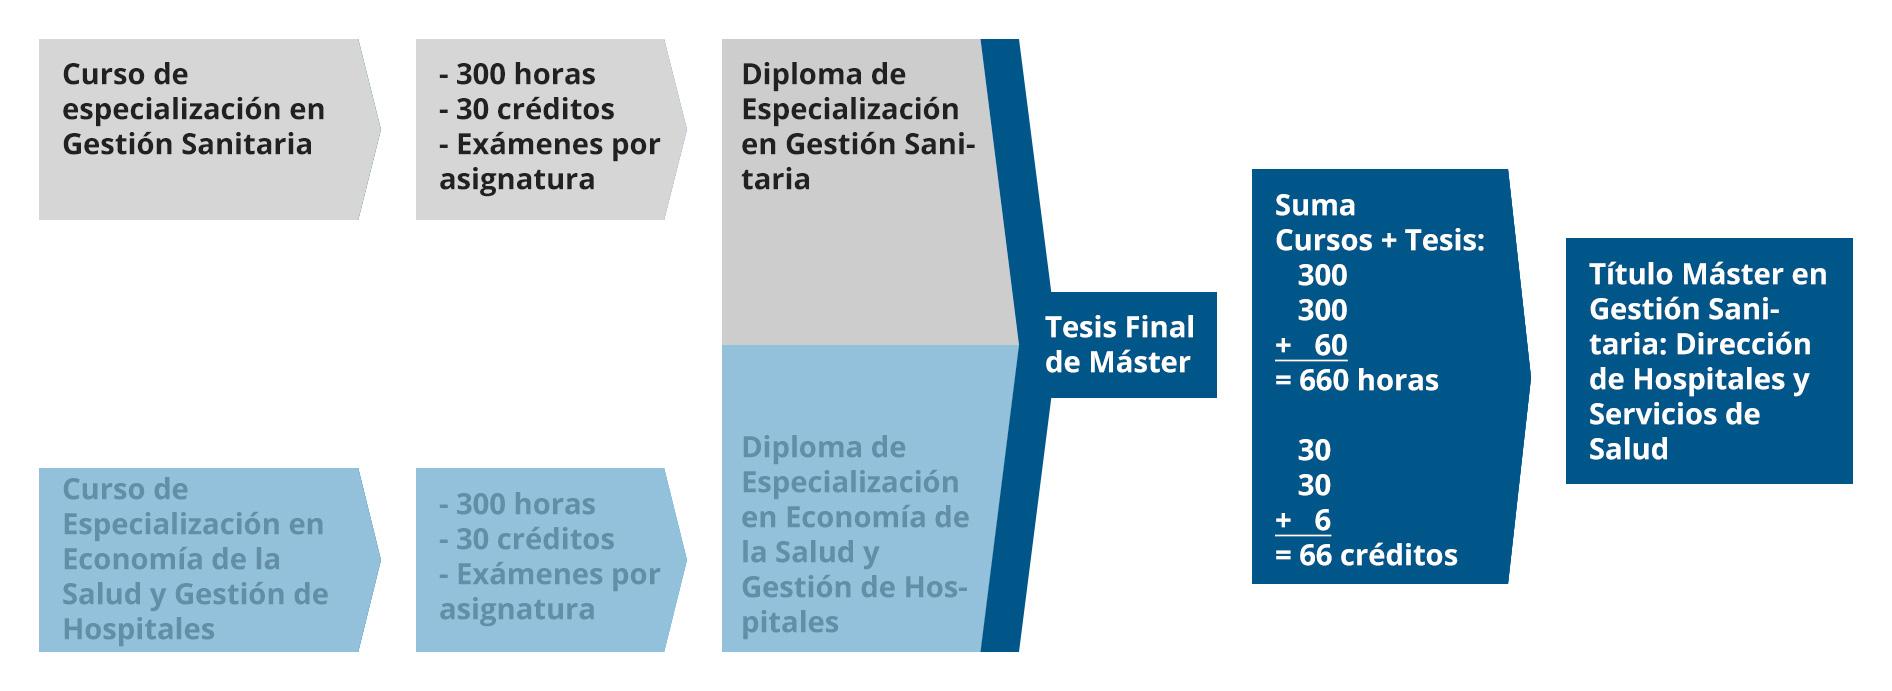 Diagrama Diploma de Especialización en Gestión Sanitaria